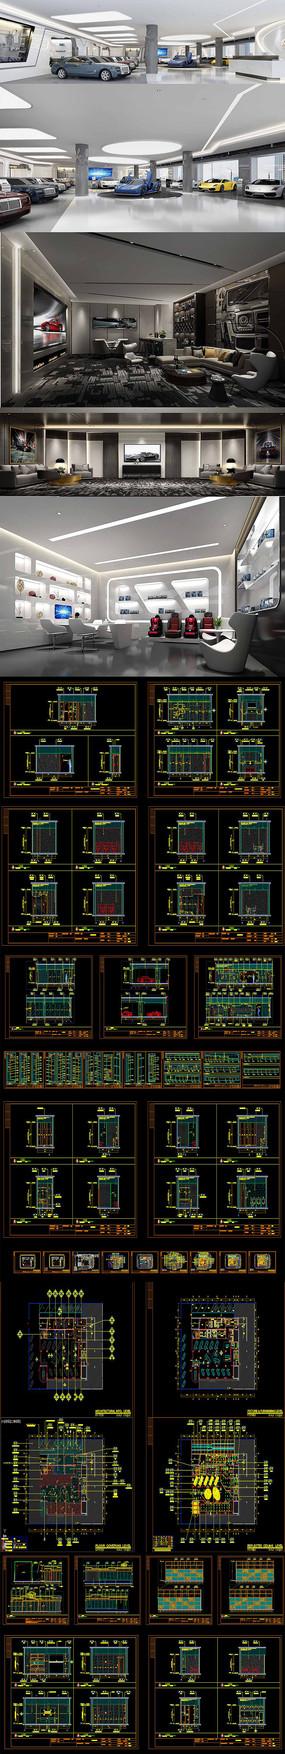 全套汽车展厅4S店CAD施工图 效果图